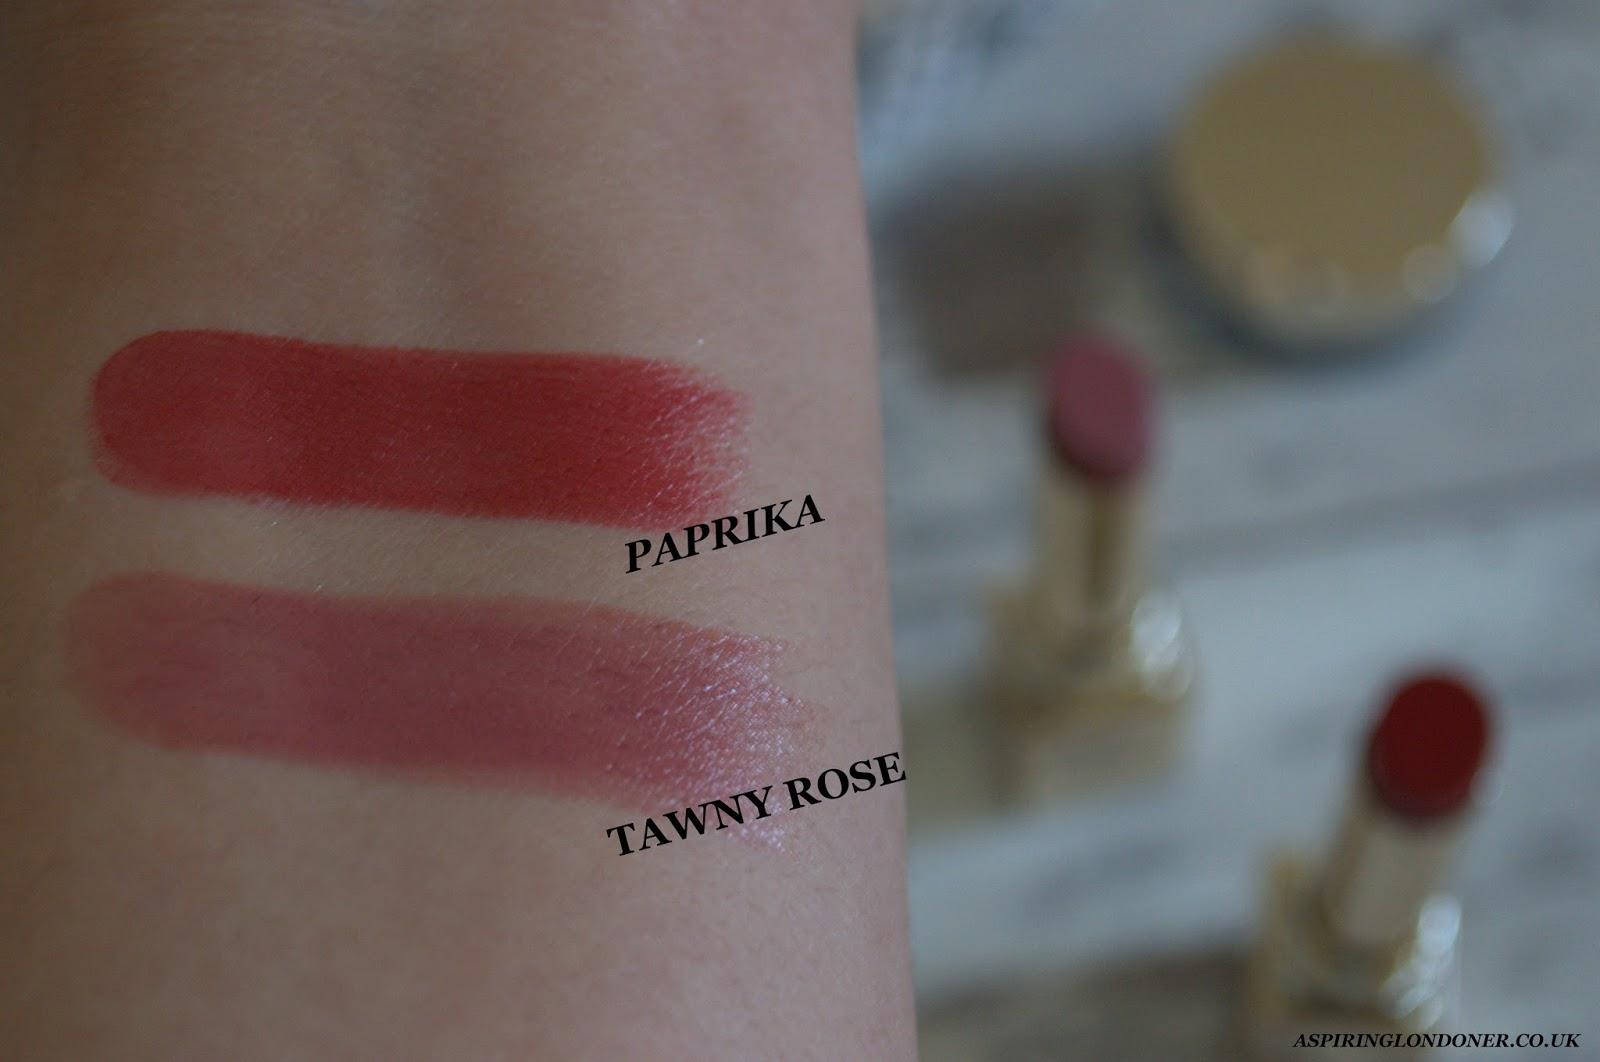 Clarins Rouge Eclat Lipstick Paprika, Tawny Rose Swatch - Aspiring Londoner